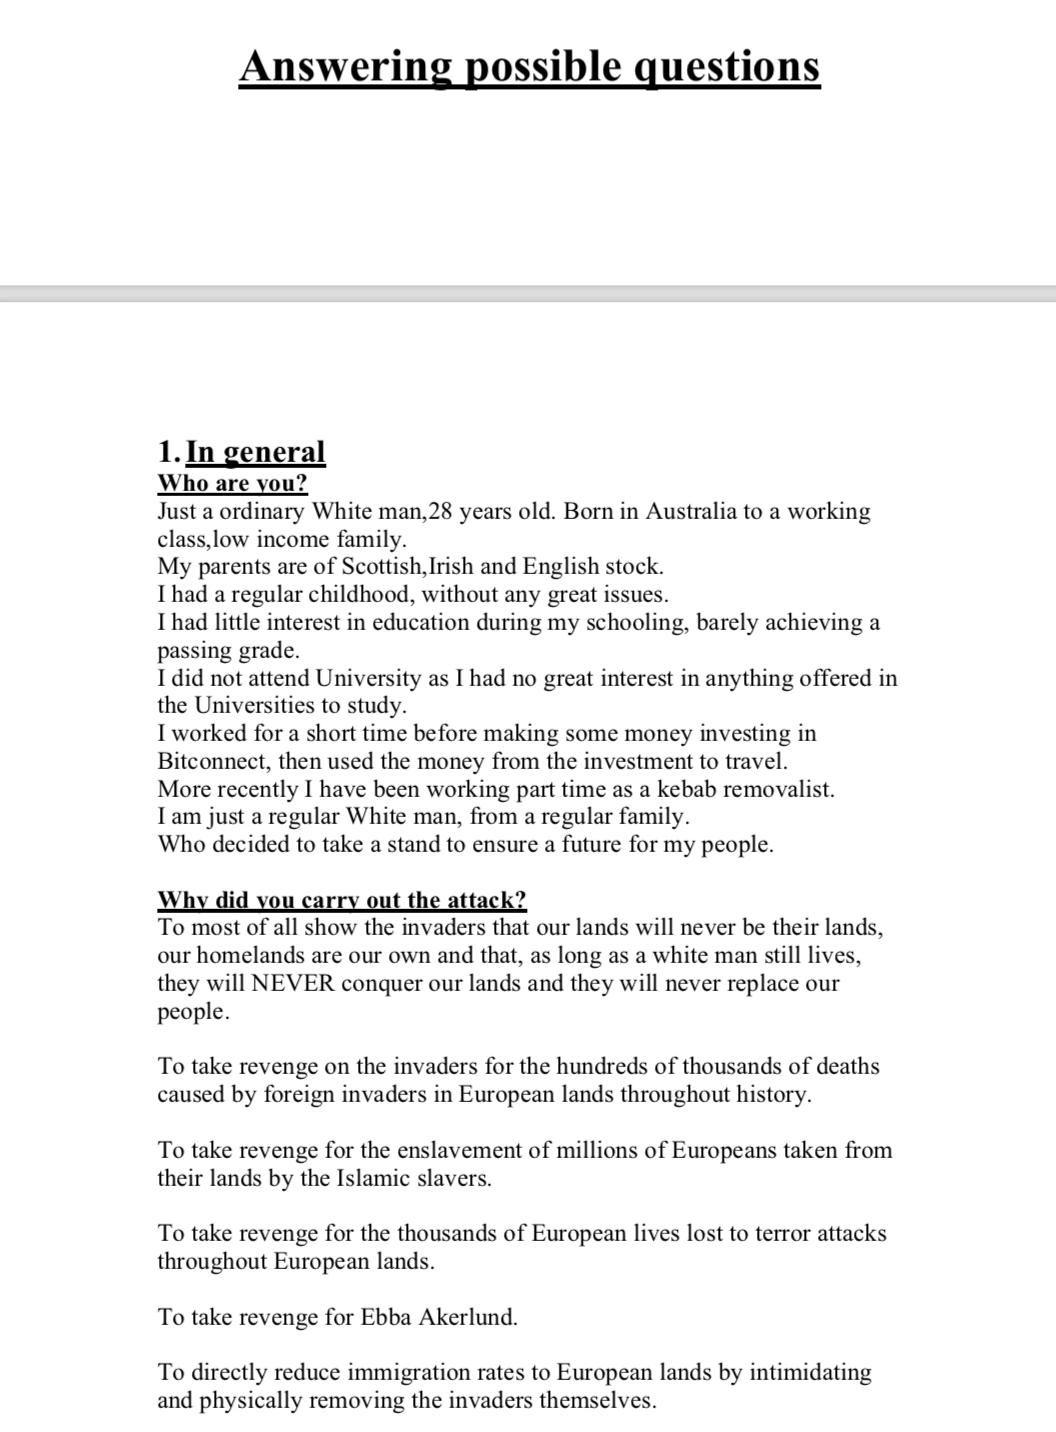 新西兰枪手从25亿美元的加密骗局BitConnect中获利